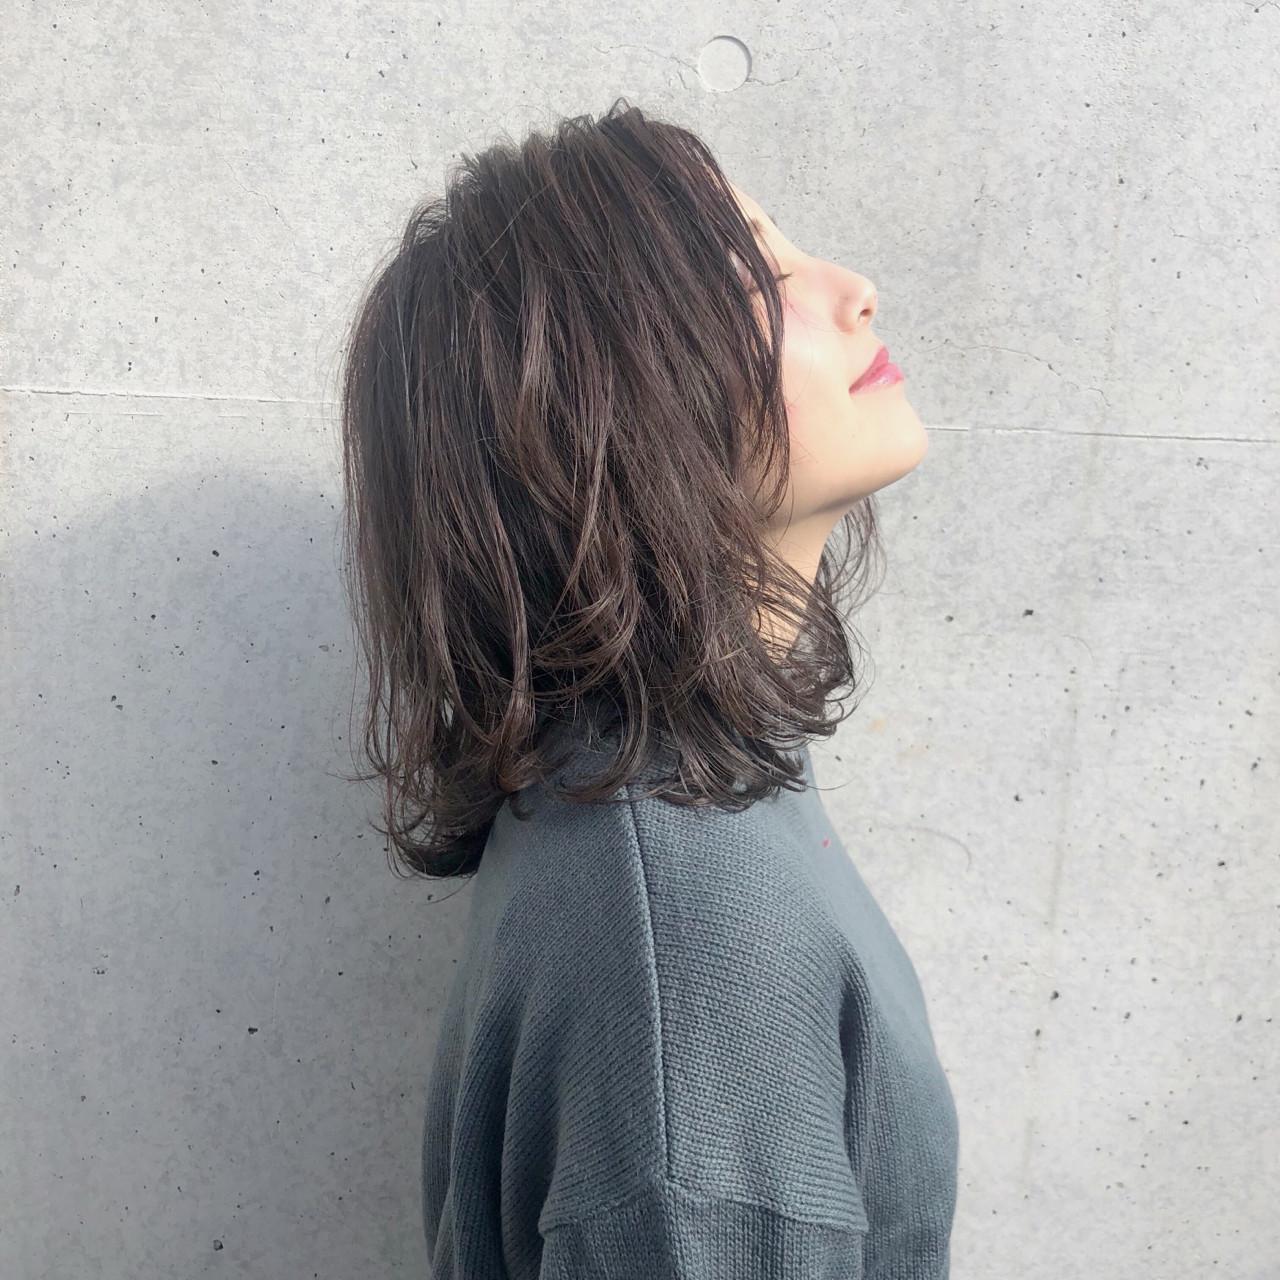 ブルージュ ミディアム 冬 可愛い ヘアスタイルや髪型の写真・画像